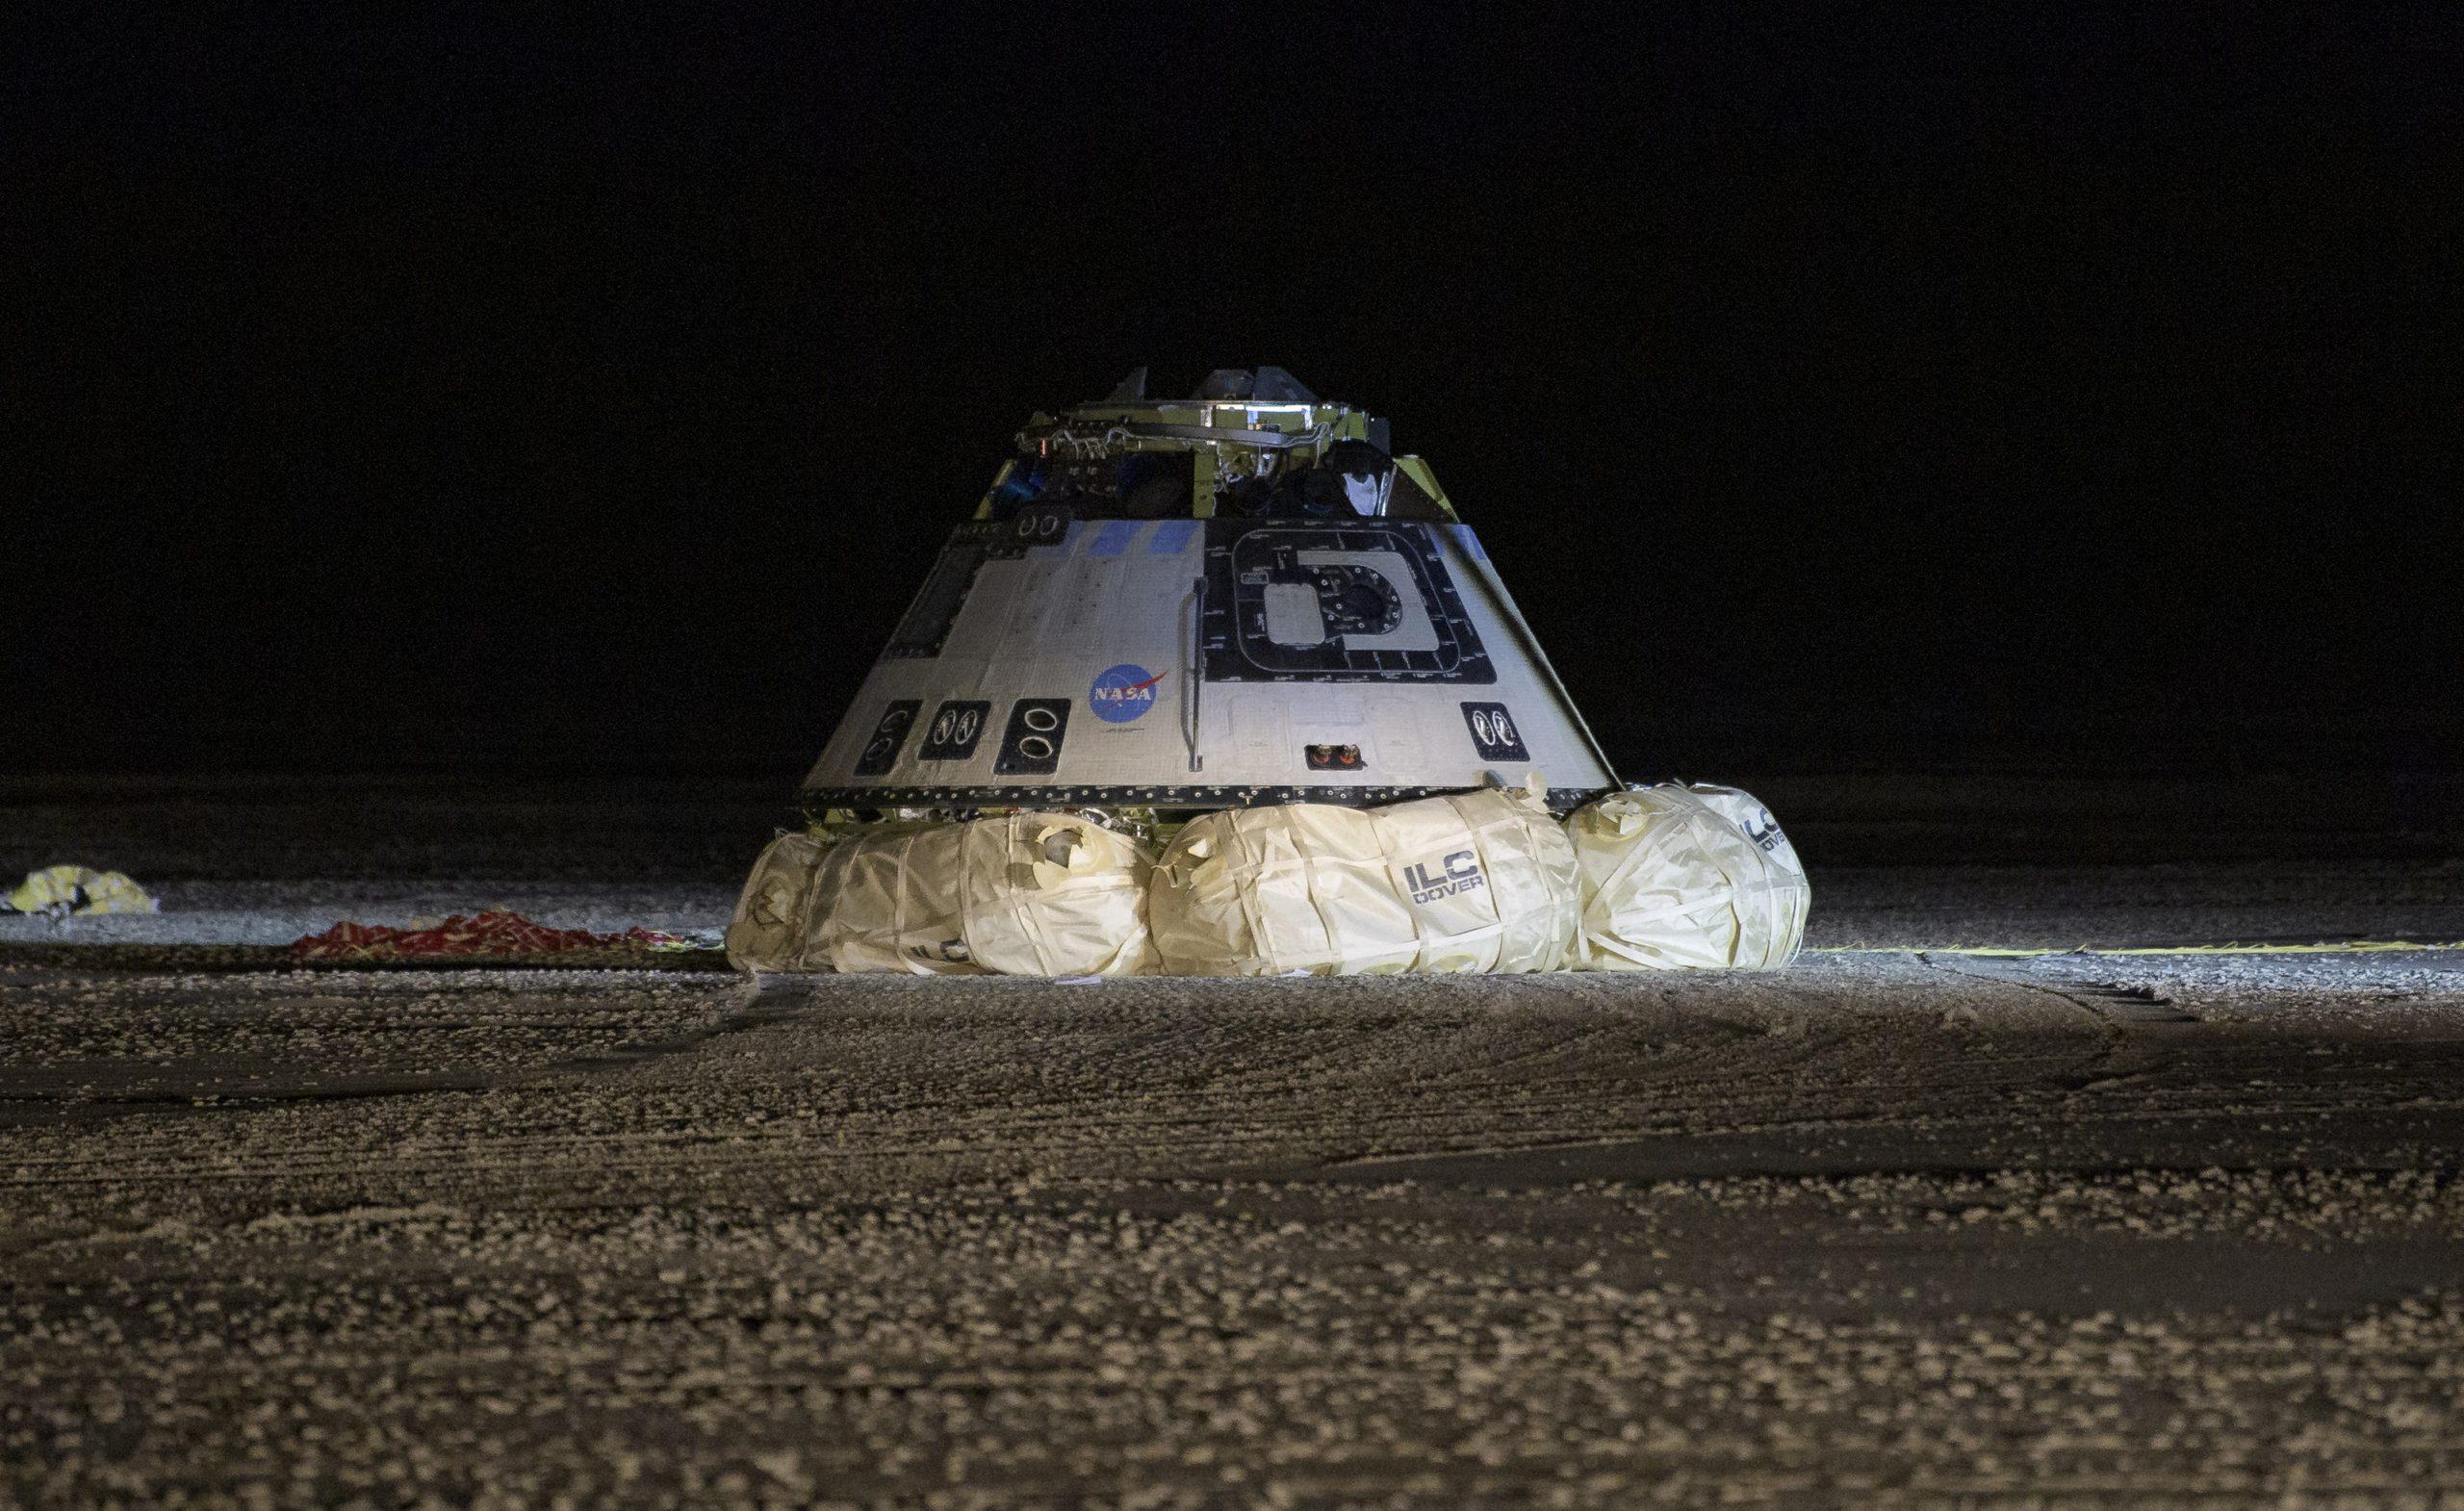 NASA и SpaceX планируют совершить первый пилотируемый запуск к МКС в середине или конце мая